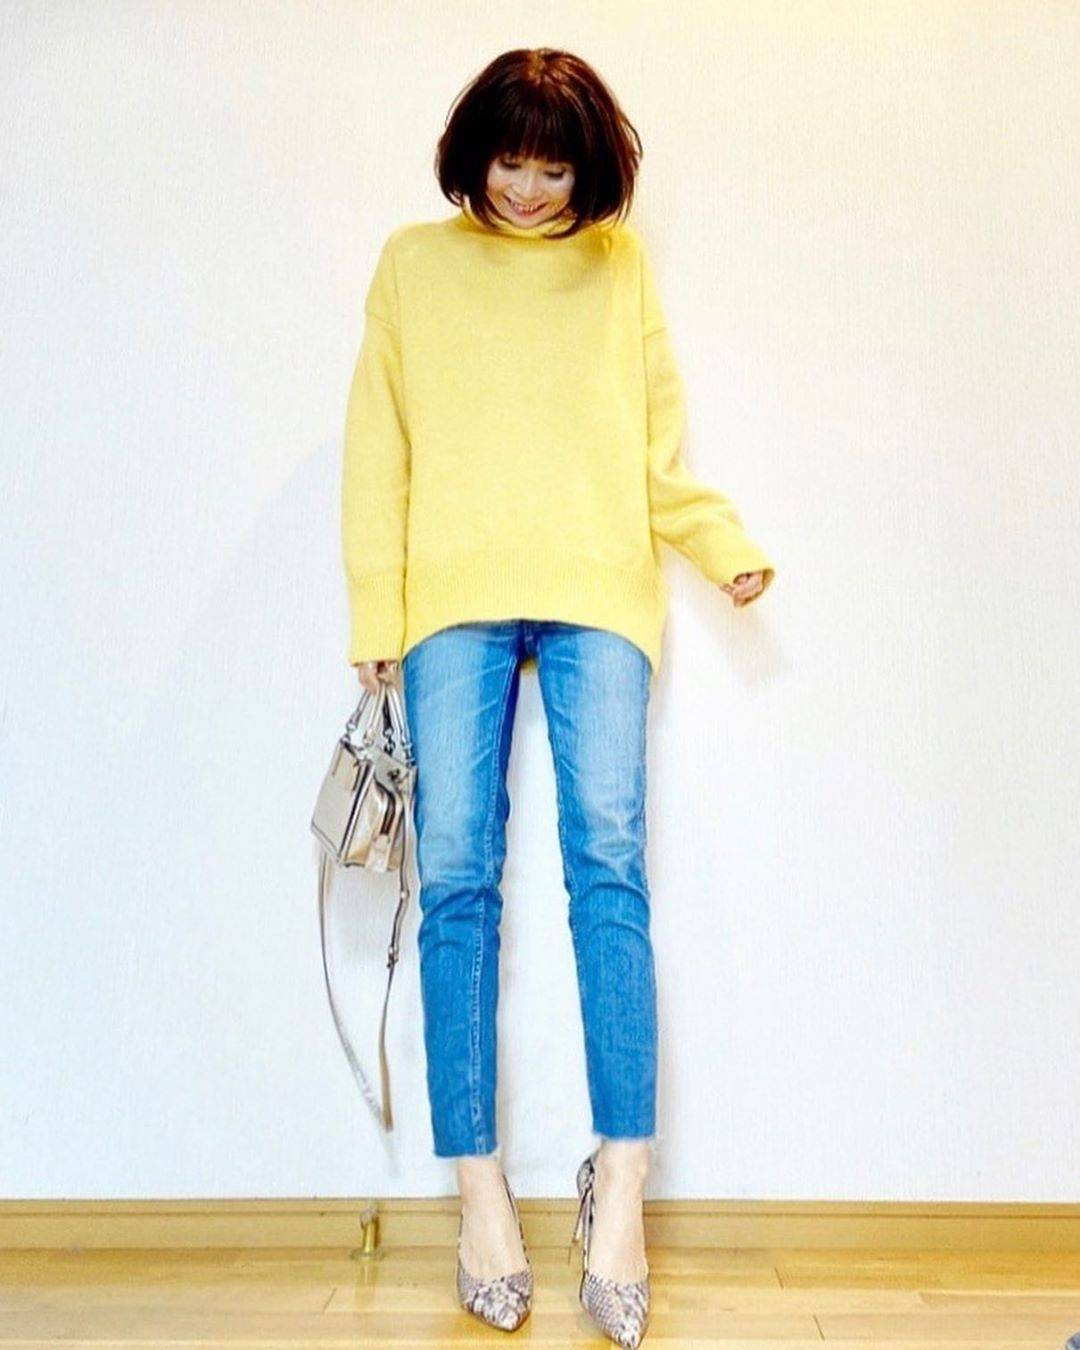 最高気温6度・最低気温2度 acmee.chiyoの服装